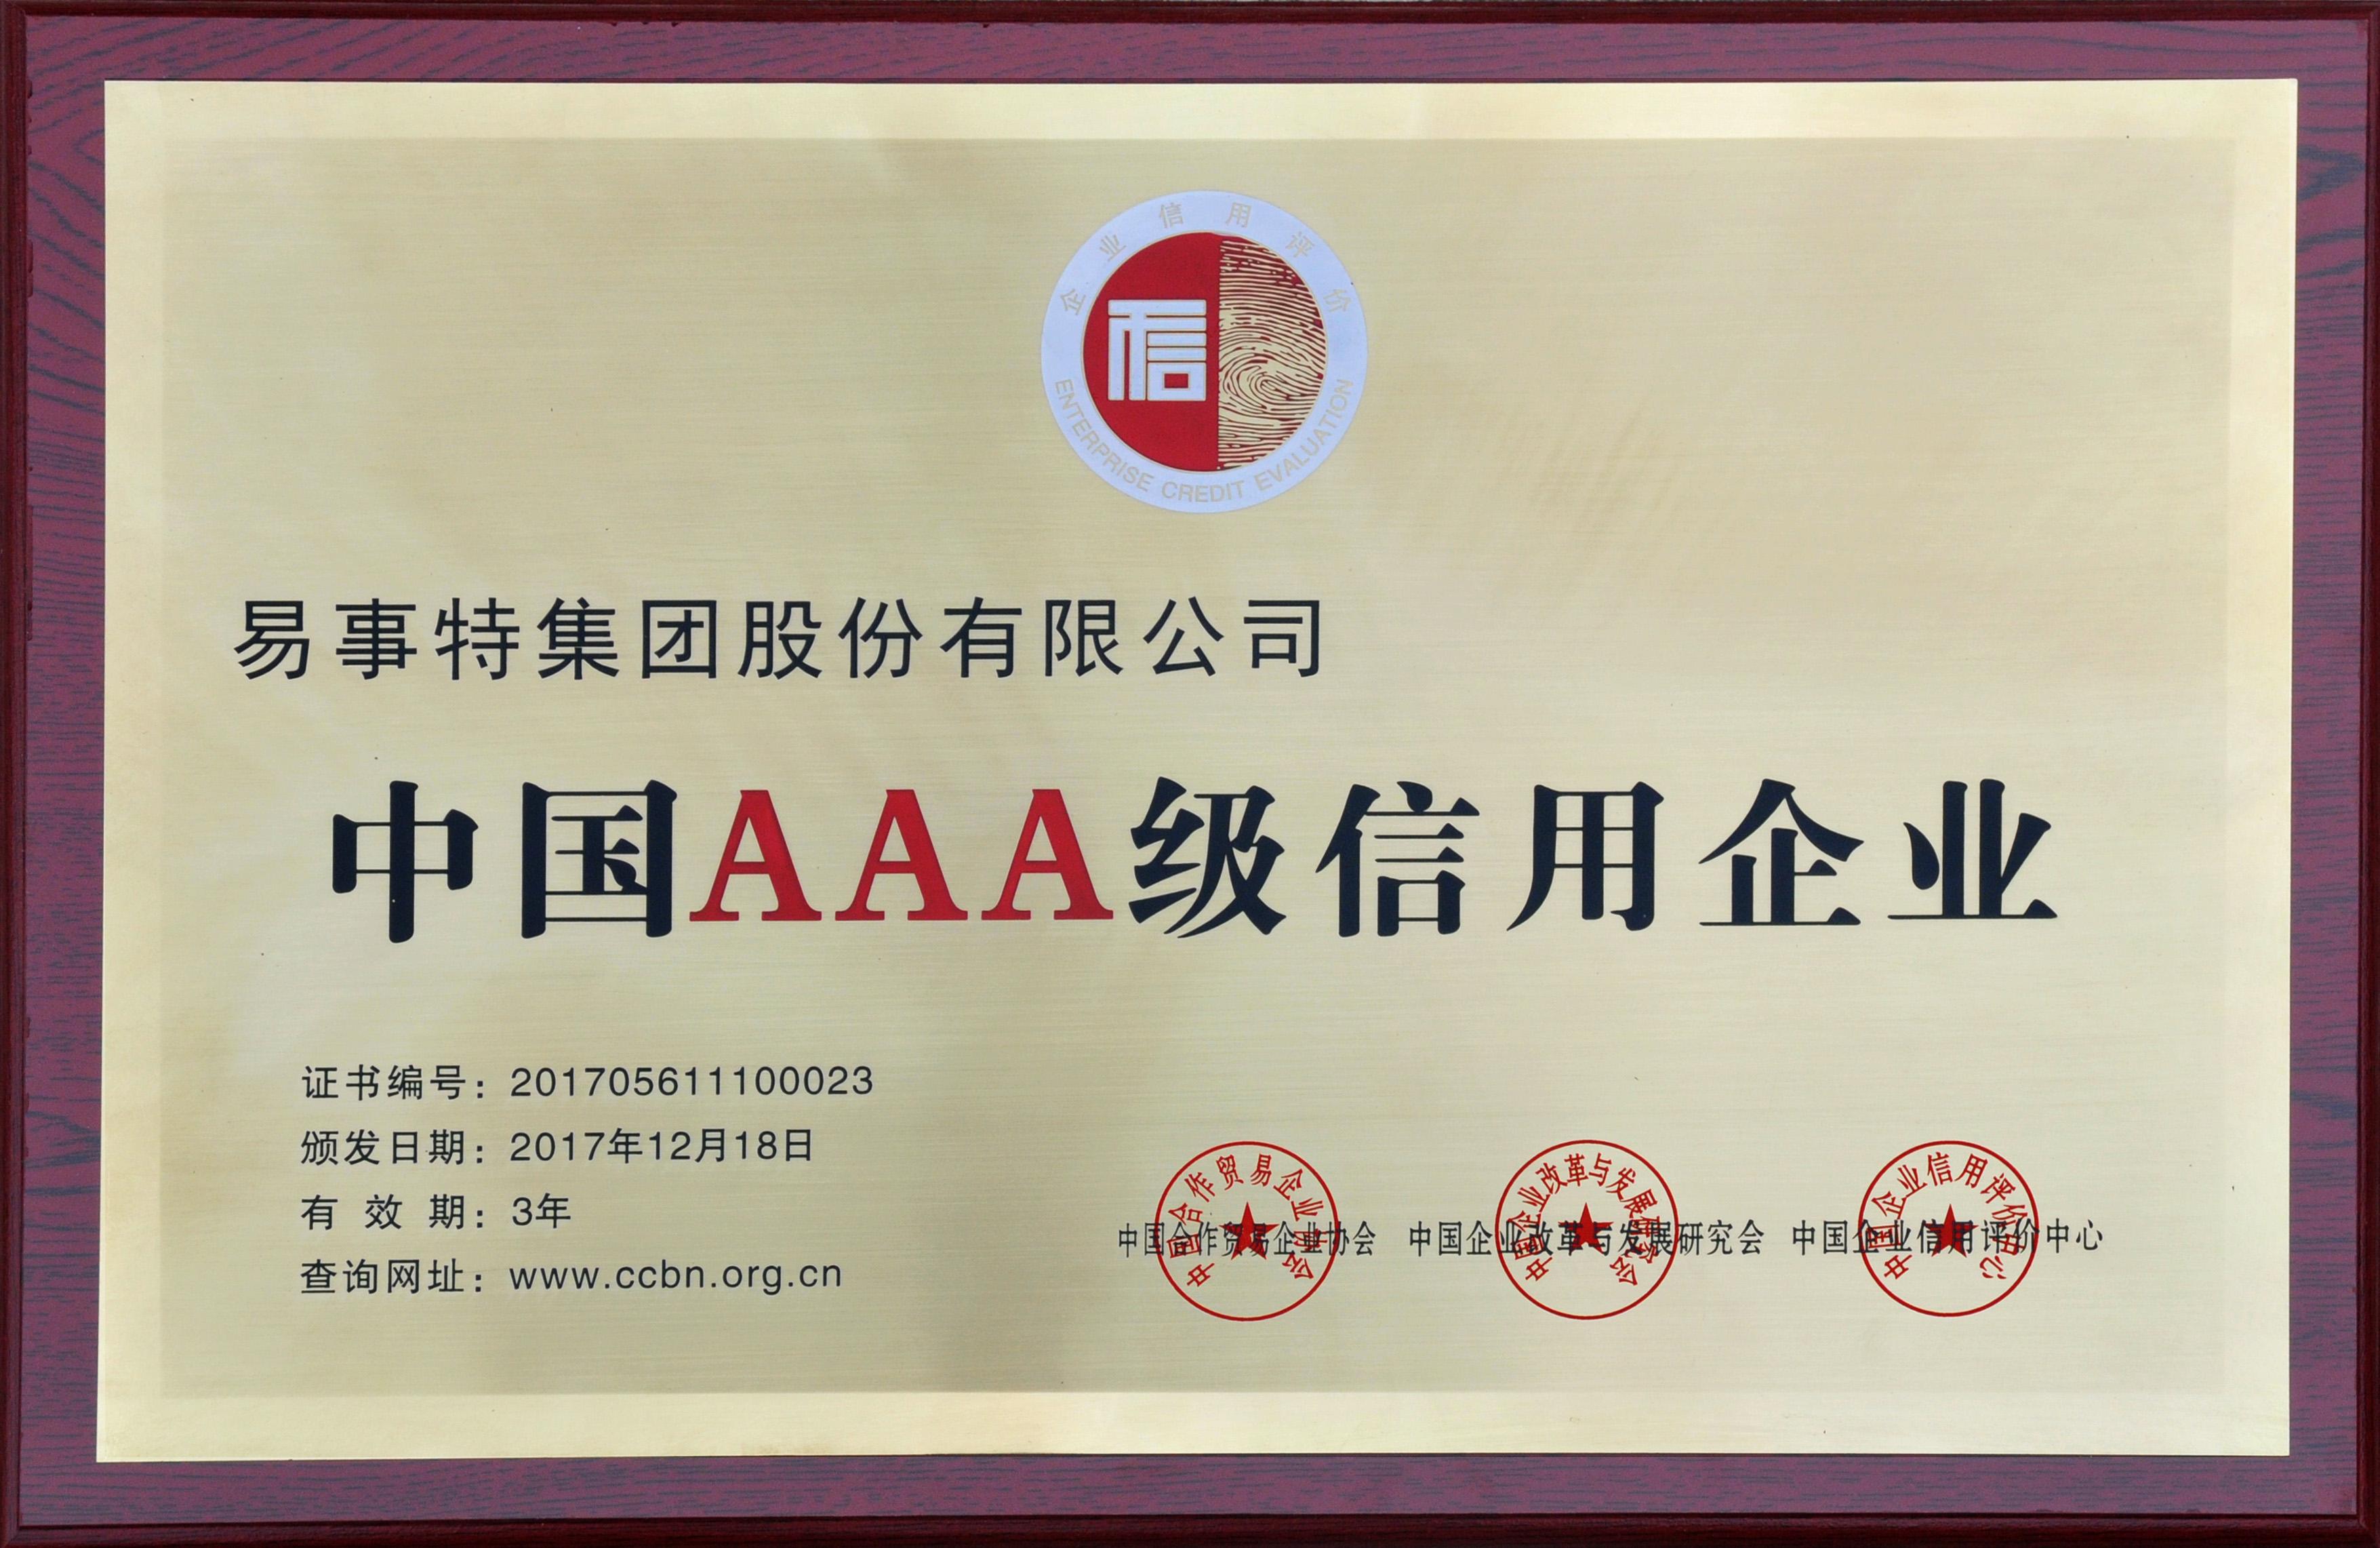 企业信用等级证书 中国AAA级信用企业